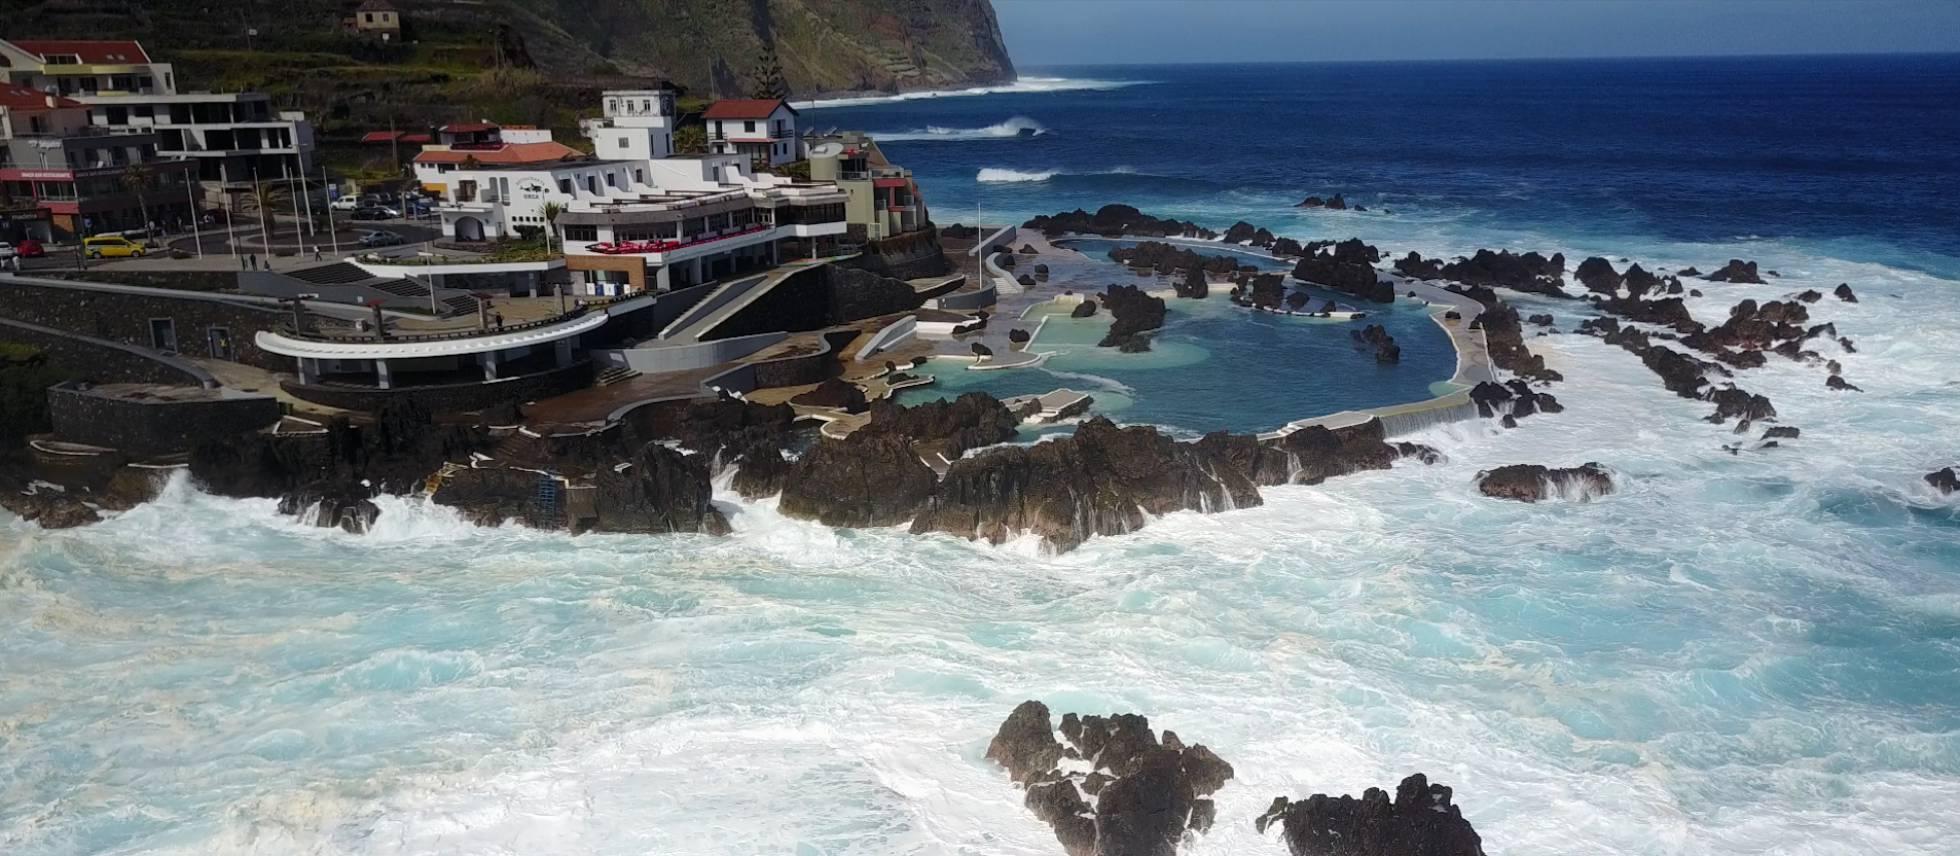 Madeira, increíble lugar que alberga El Atlántico